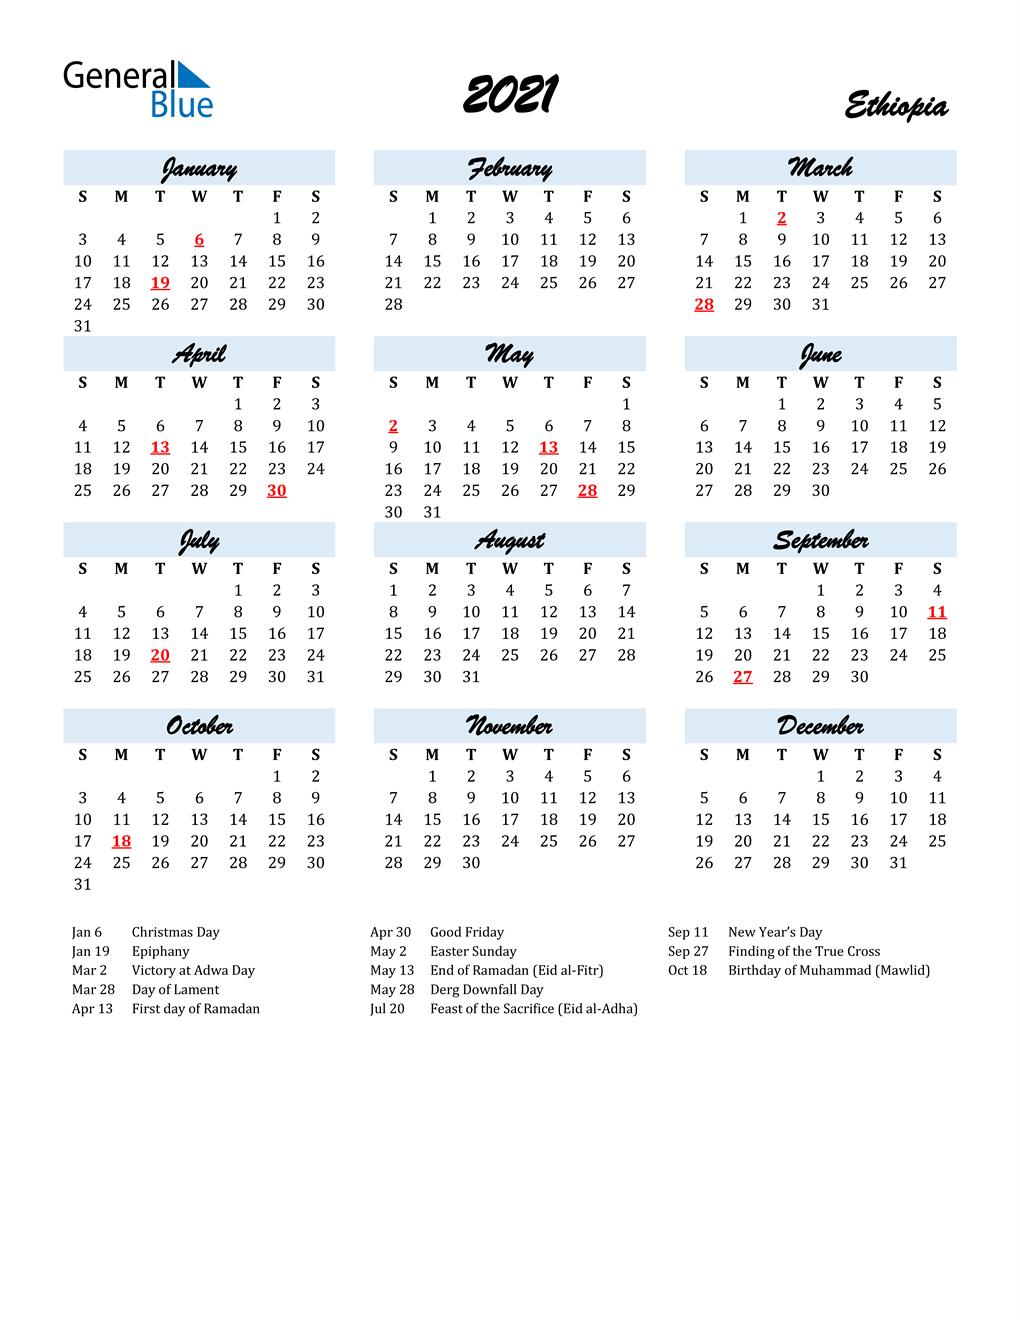 Russian Orthodox Calendar 2022.Ethiopian Orthodox Calendar 2021 Pdf